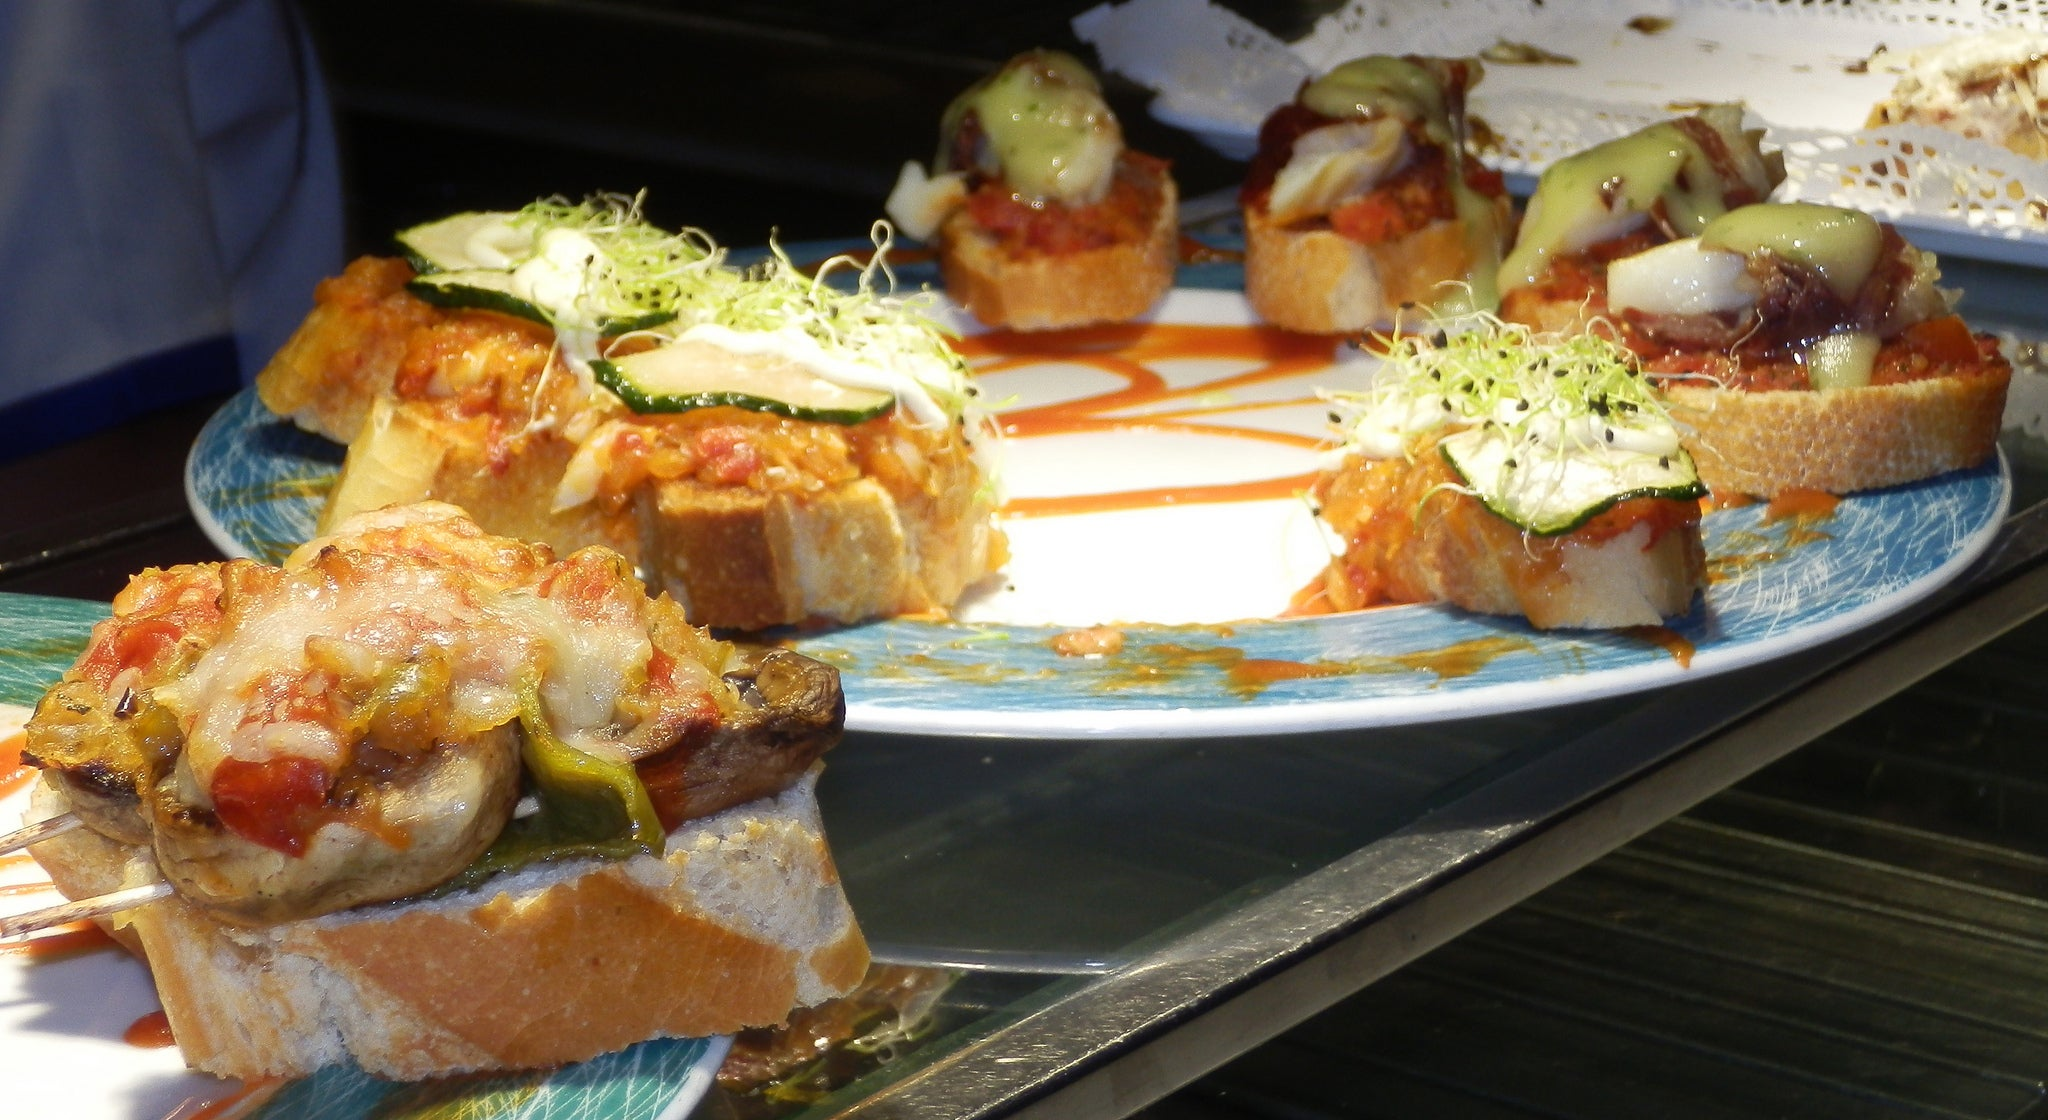 Restaurantes de Bilbao para degustar su gastronomía típica